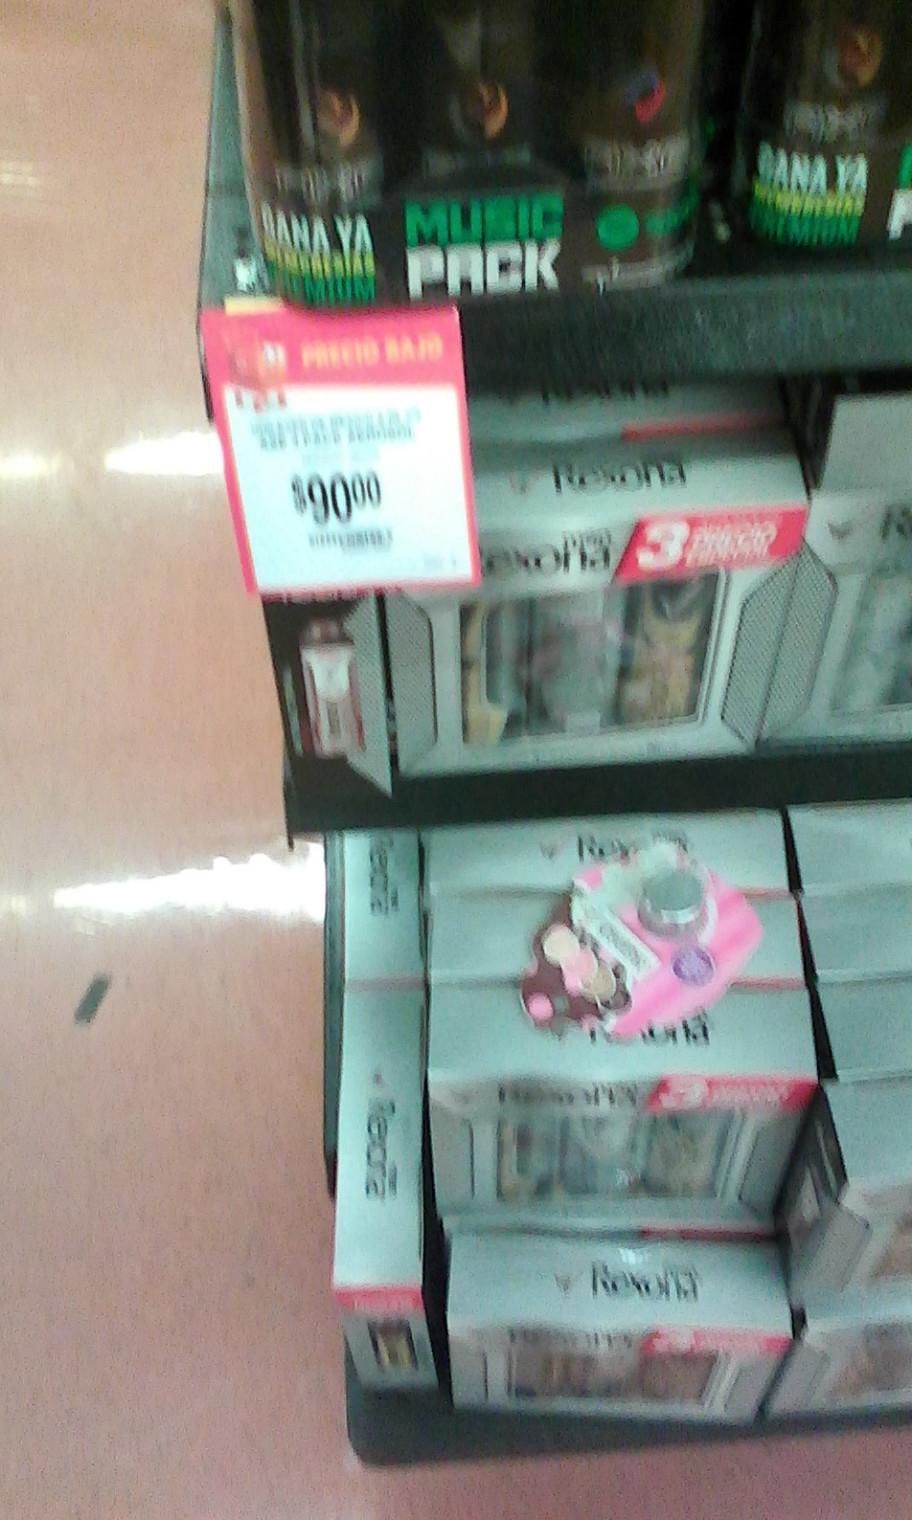 Walmart Acoxpa: Axe paquete 3 piezas y Rexona paquete 3 piezas por $90 y Old spice 2 desodorantes y 1 jabón líquido por $79.